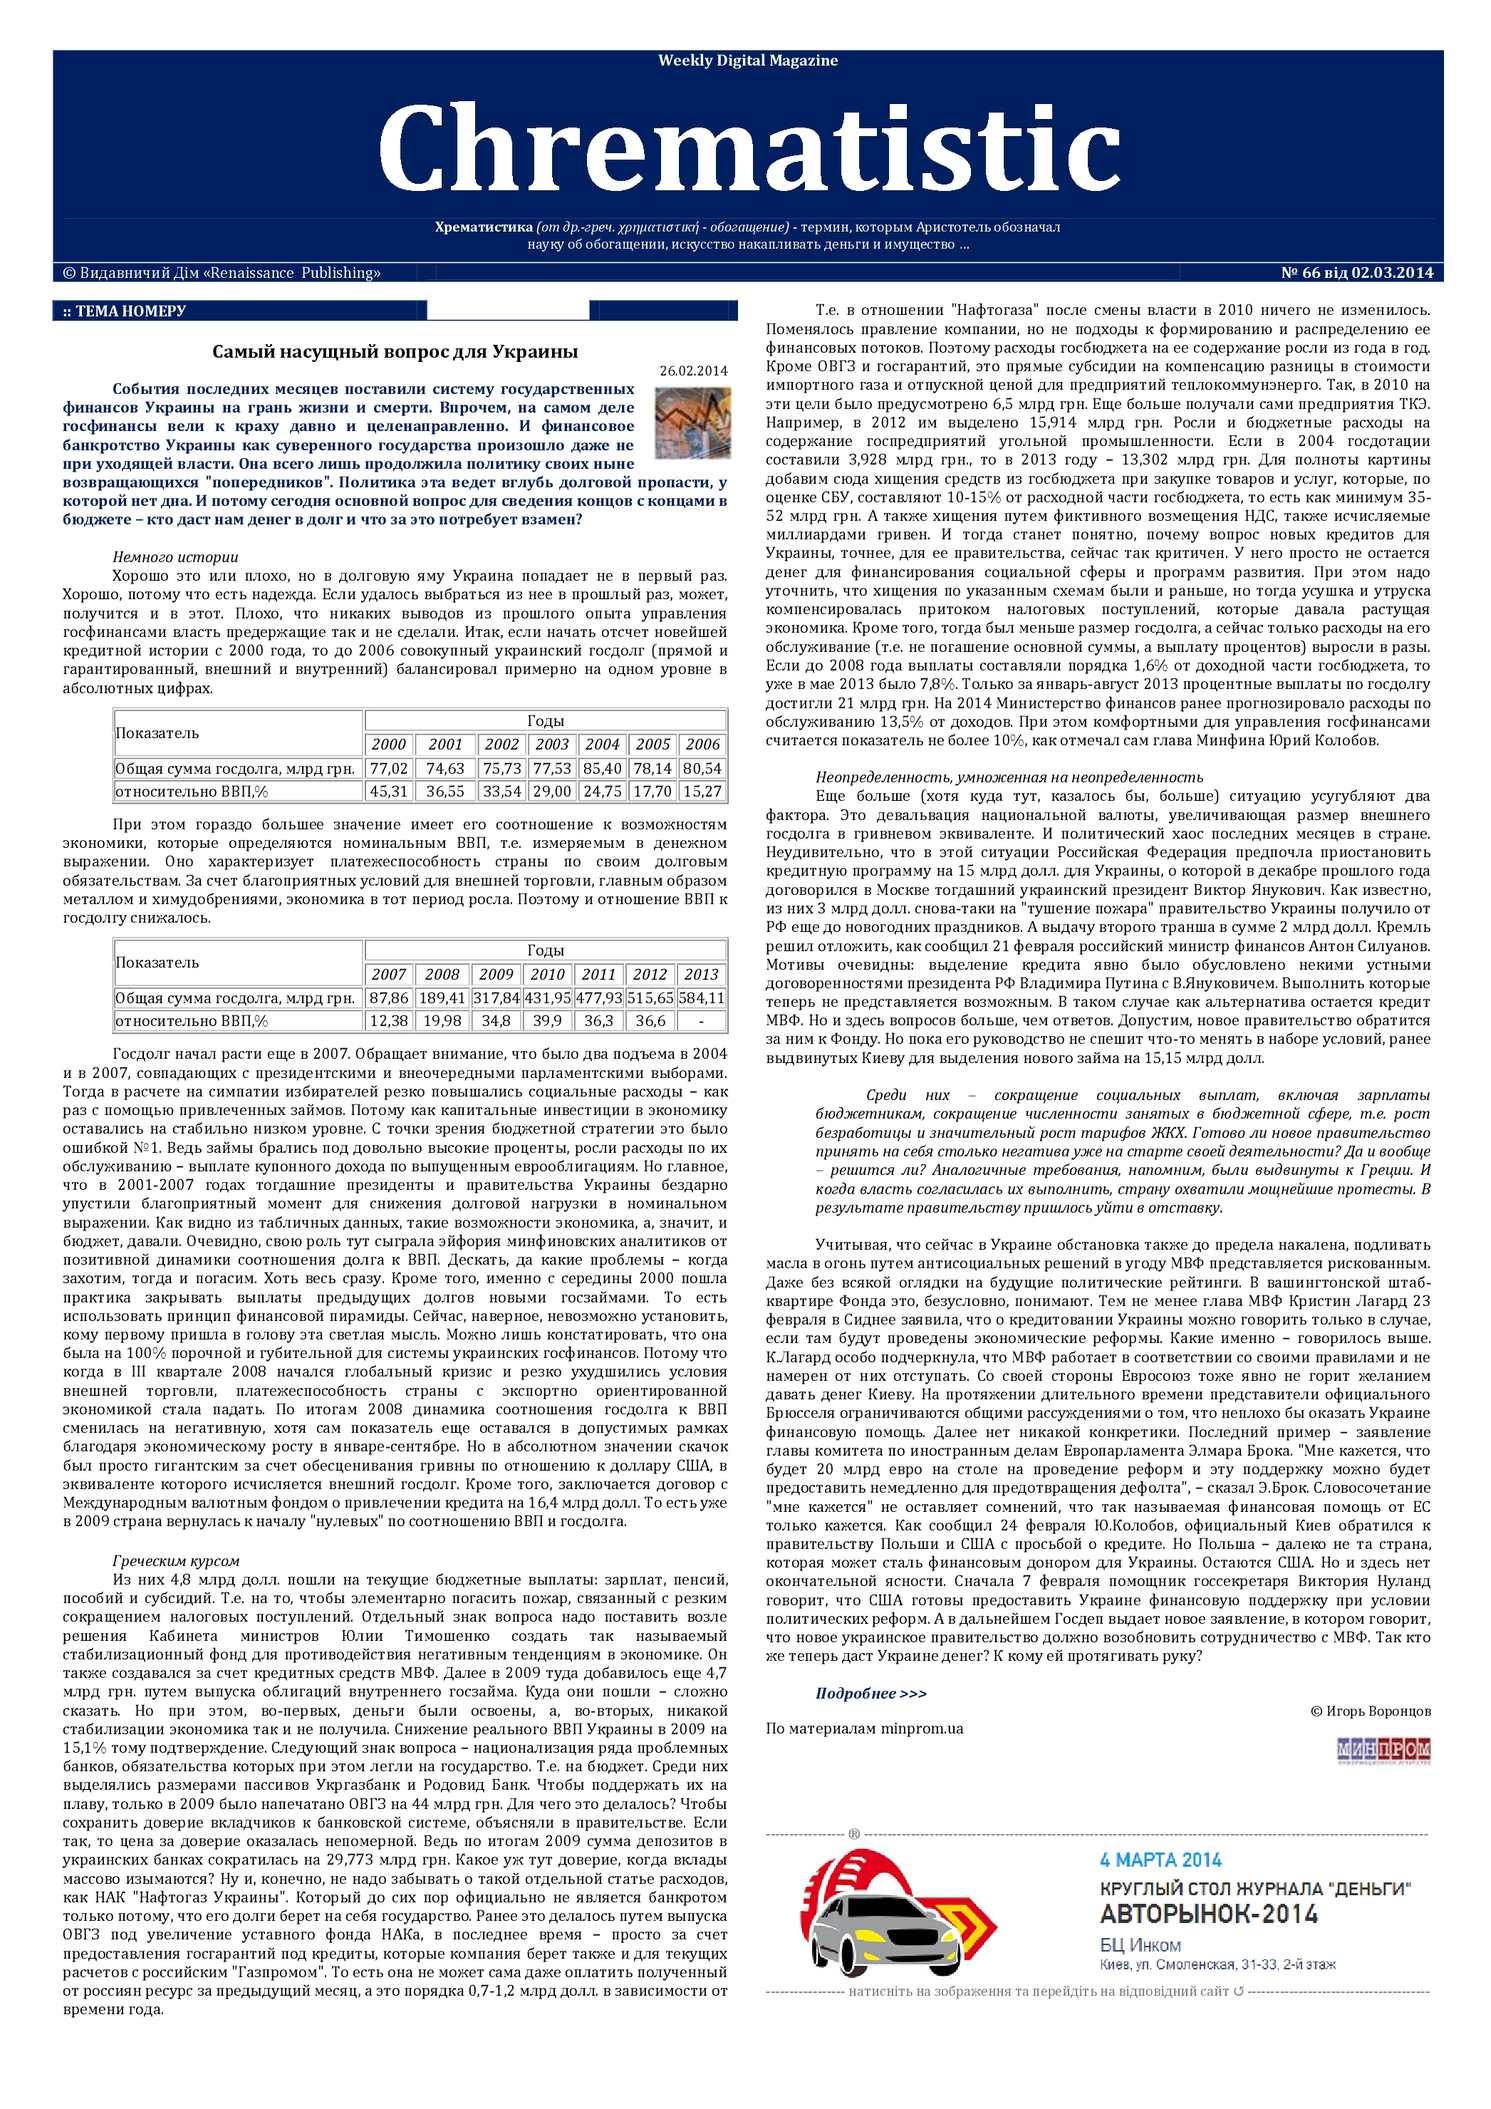 Calaméo - №66 WDM «Chrematistic» b17251fd9d8b3